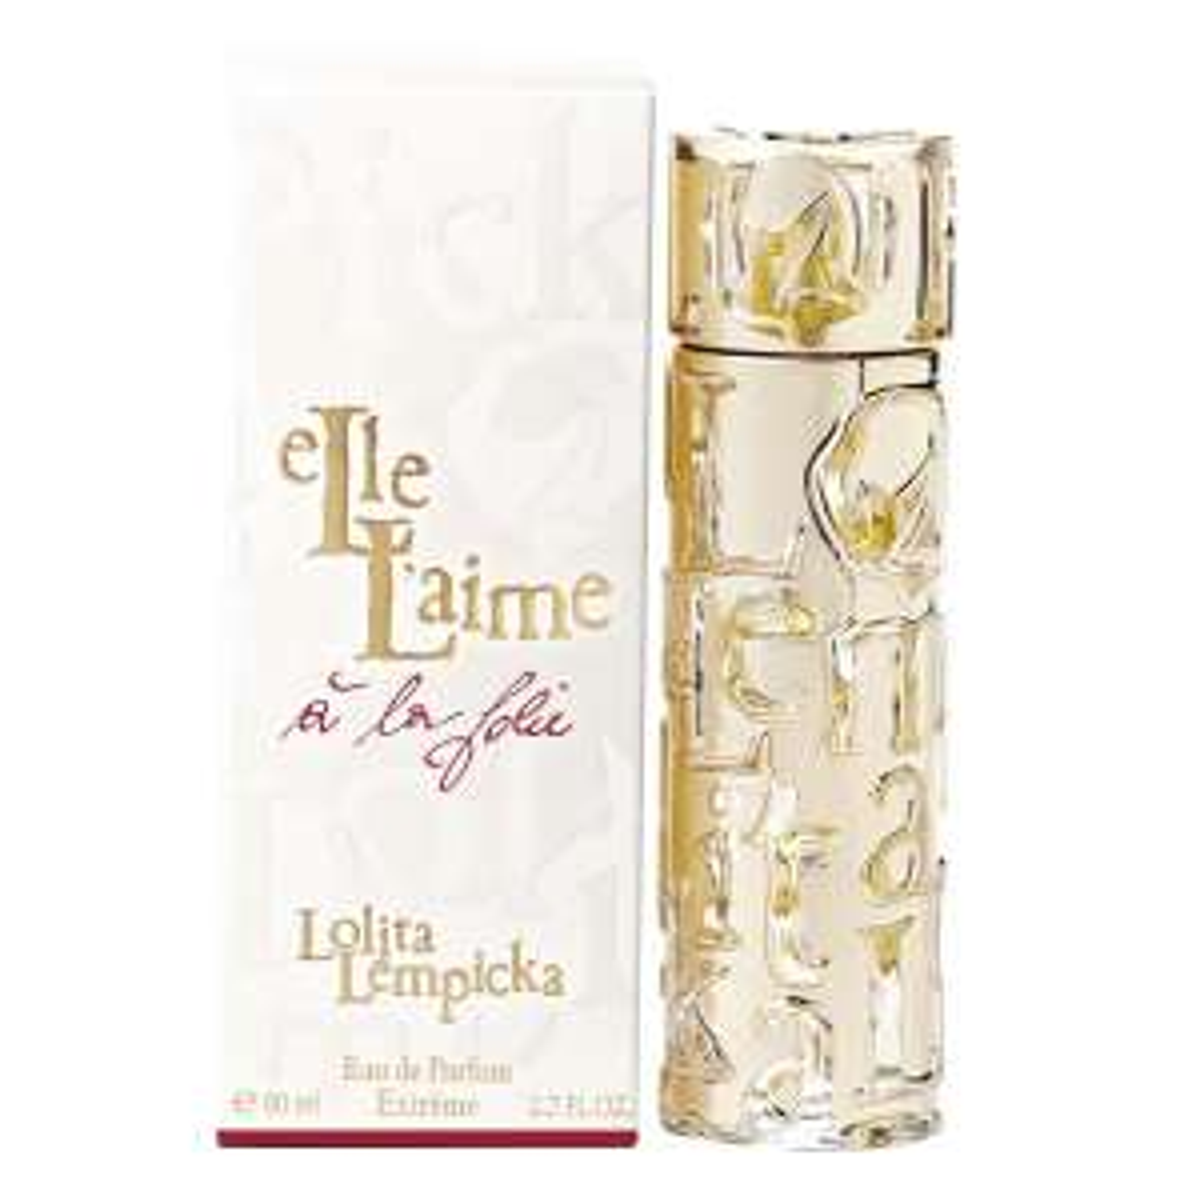 Eau de parfum Lolita Lempicka Elle L'aime à la folie - 80ml